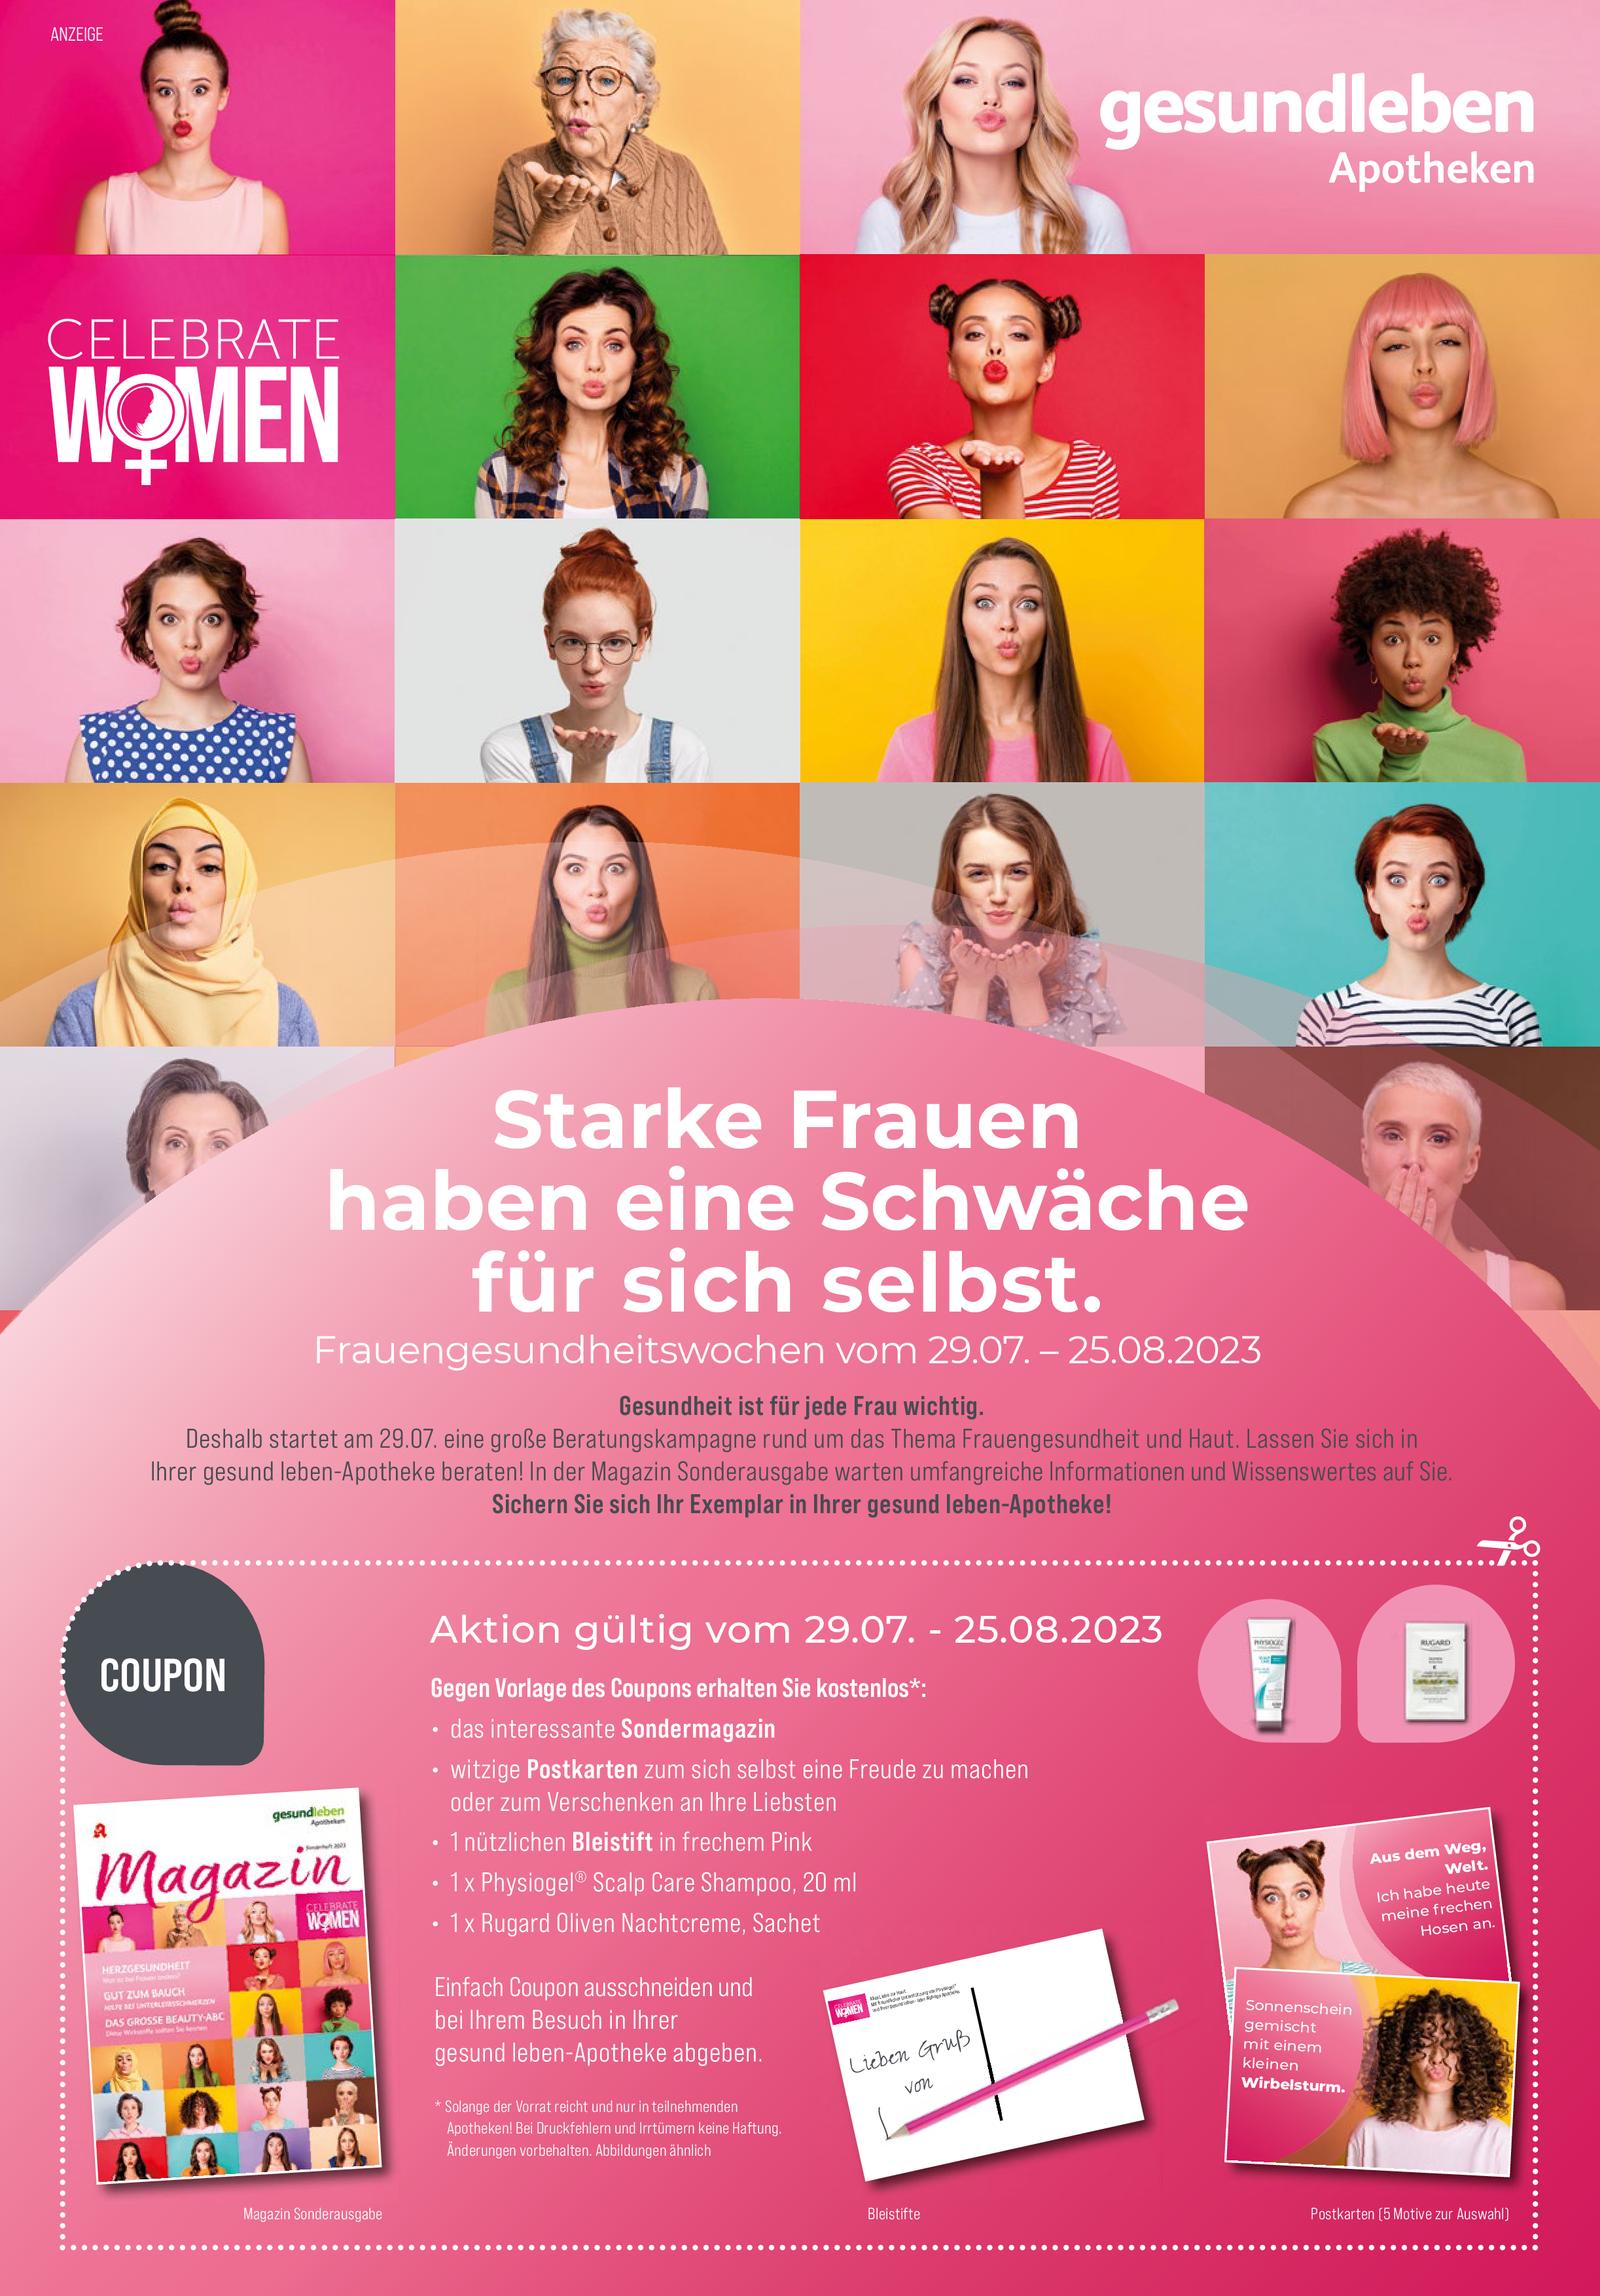 https://mein-uploads.apocdn.net/28359/leaflets/gesundleben_hoch-Seite5.png